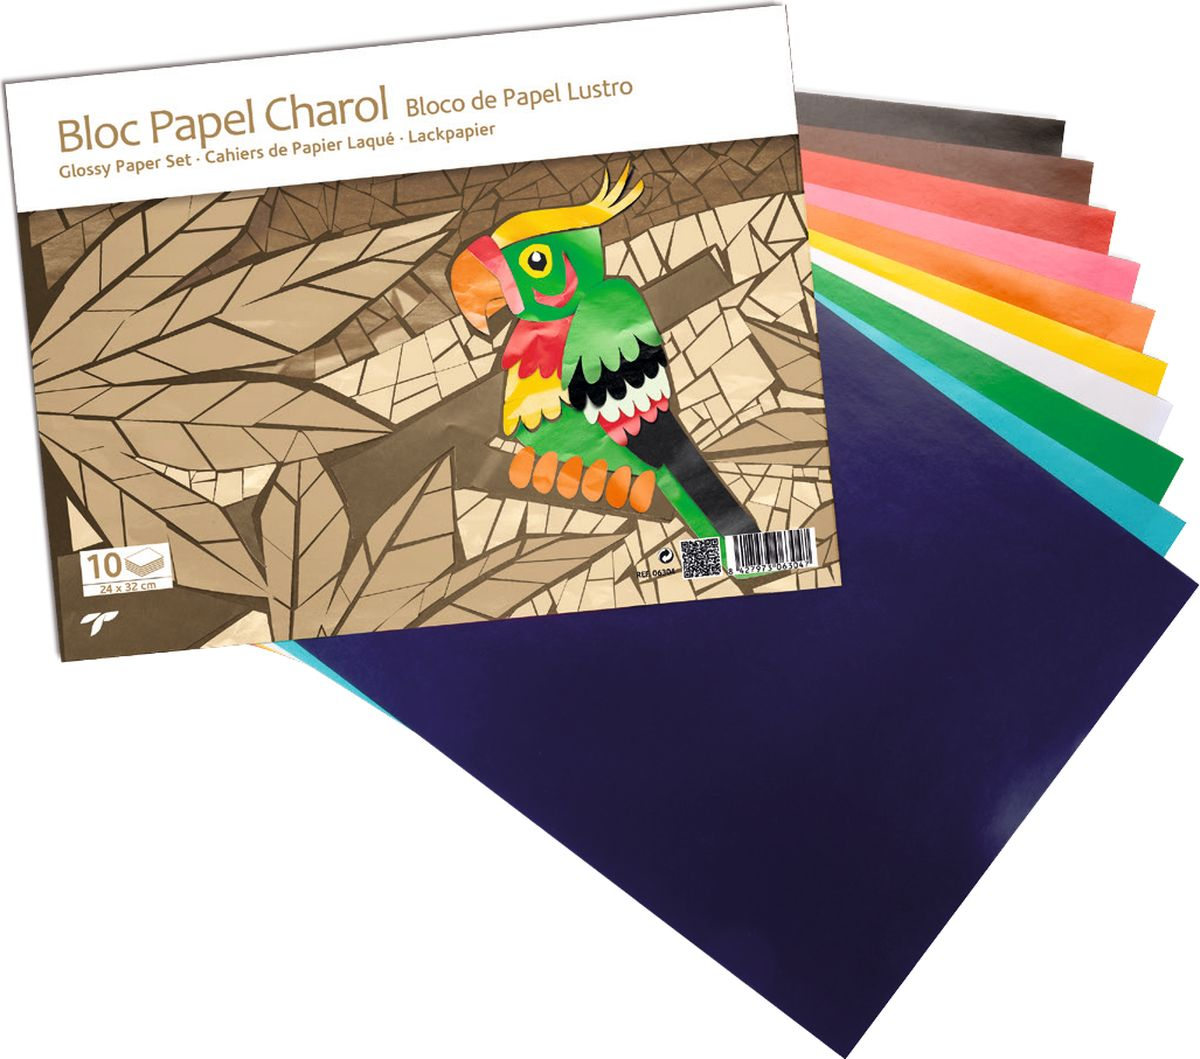 Sadipal Бумага цветная глянцевая 50 листов06304Большая цветовая палитра глянцевой бумаги Sadipal не оставит равнодушным ни одного любителя декоративных поделок. Она приятная на ощупь, с ней легко работать и вырезать. Глянцевая бумага идеально подходит для изготовления открыток, карнавальных костюмов, поделок для праздников.